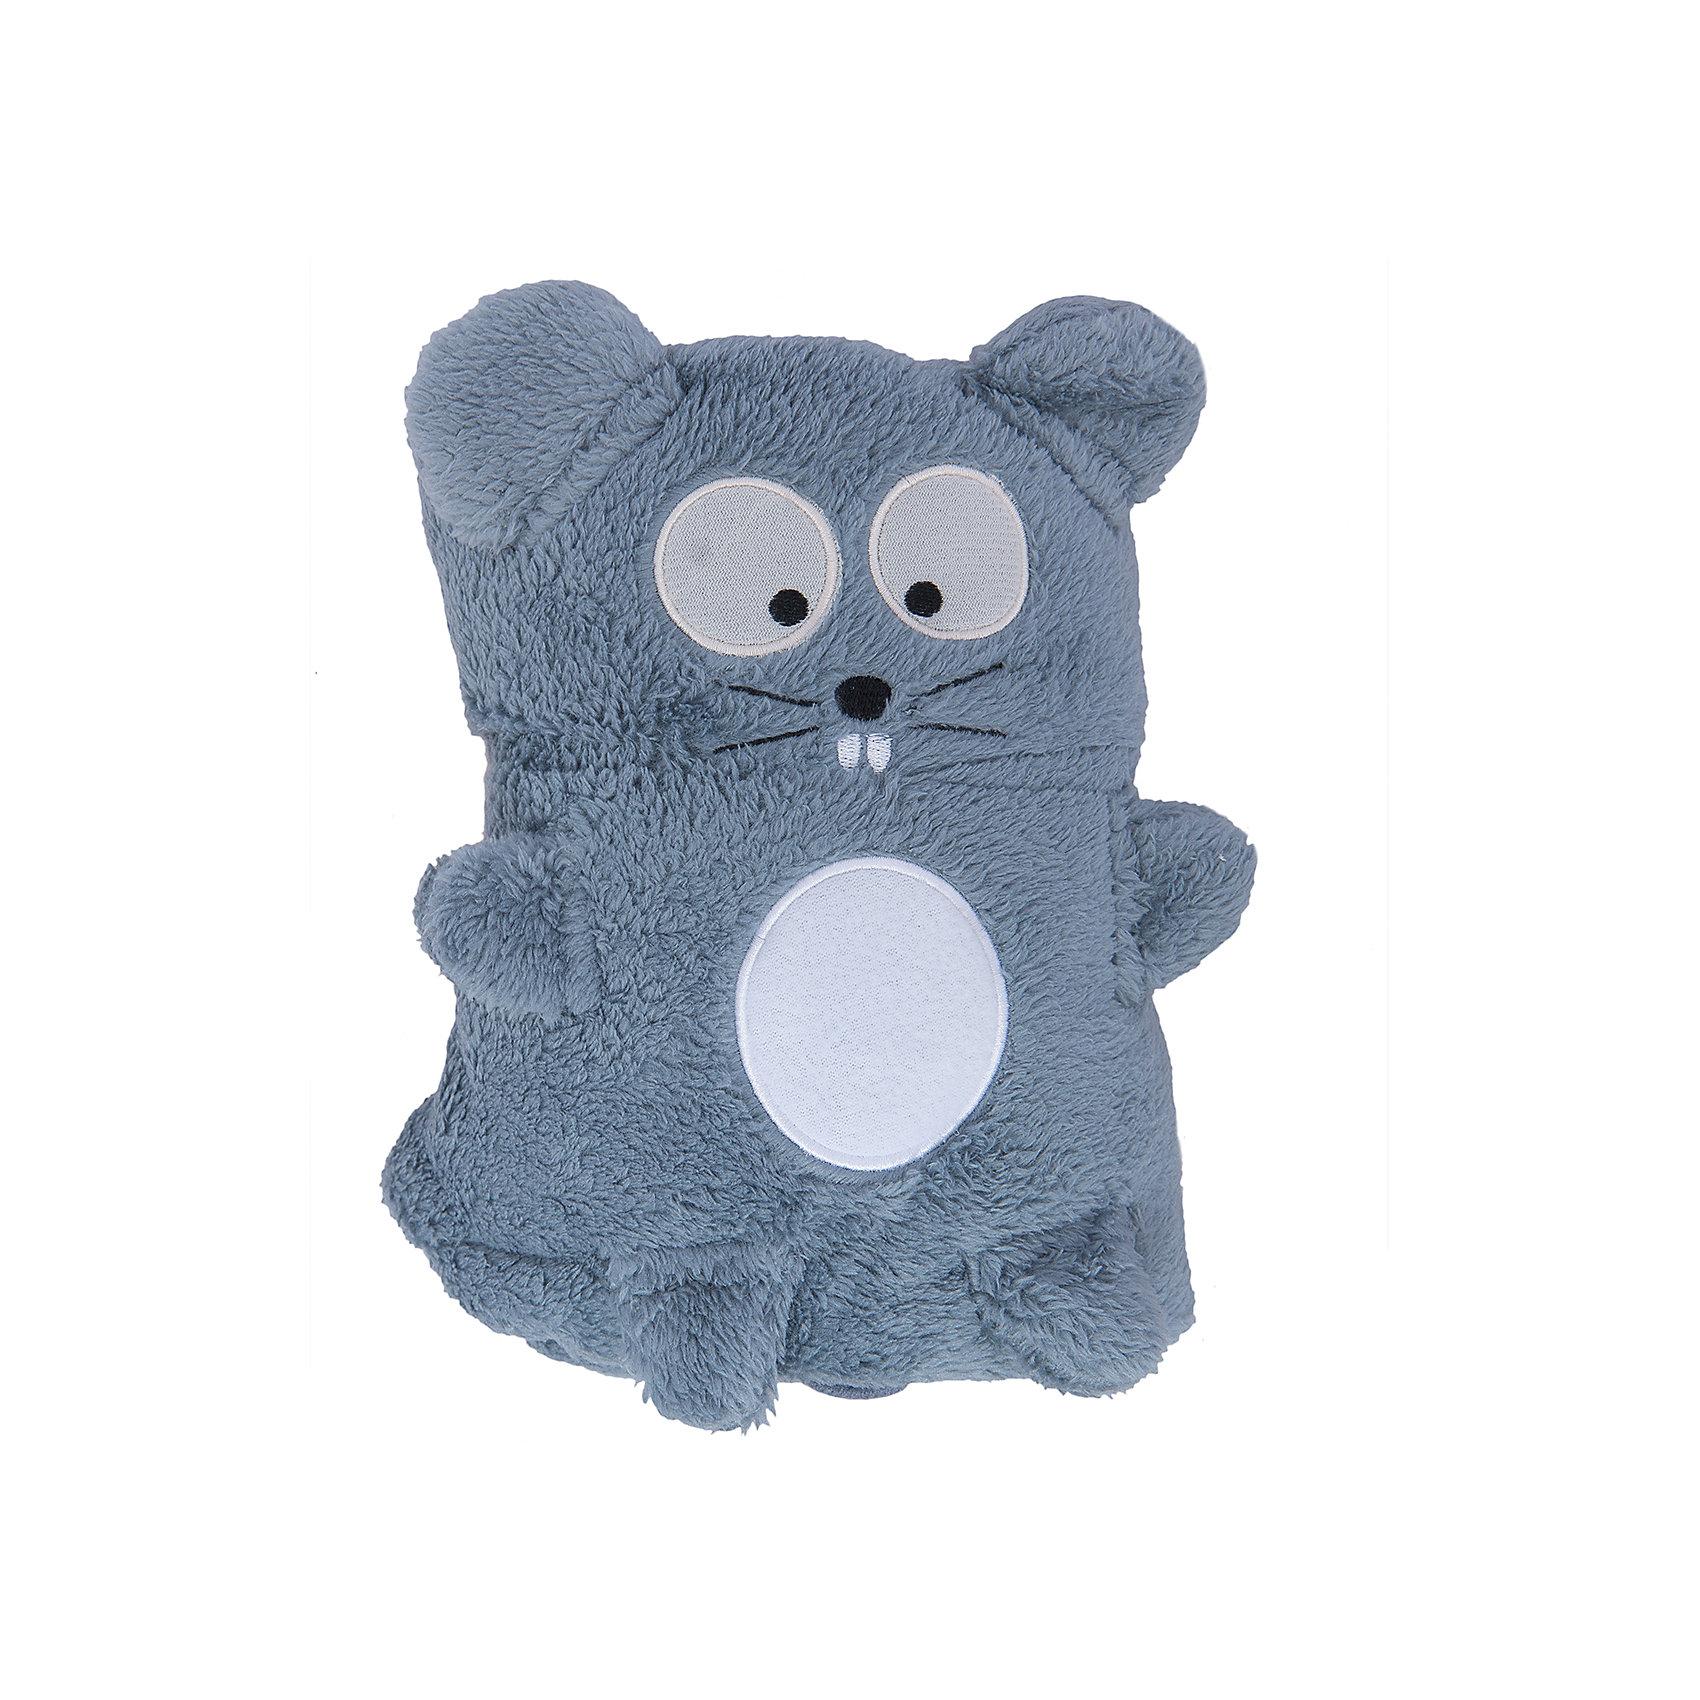 Трансформер Плед-Игрушка Серый Мышонок, 60x90 см, Coool ToysМягкие игрушки животные<br>Эта мягкая игрушка легко трансформируется в удобный и мягкий плед, накрывшись которым, ребеночку будет тепло и уютно. Нужно лишь расстегнуть пуговичку у игрушки и она превратится в мягкий плед. Игрушку-плед можно взять с собой в дорогу или на прогулку, в сложенном виде он не занимает много места.<br><br>Дополнительная информация:<br><br>- Размер пледа в сложенном виде: 15 х 10 х 22 см;<br>- Размер пледа в развернутом виде: 60 х 90 см; <br>- Материал: мягкий, стойкий к загрязнениям и легко стирающийся полиэстер. <br><br>Трансформер Плед-Игрушку Серый Мышонок, 60x90 см, Coool Toys можно купить в нашем магазине.<br><br>Ширина мм: 100<br>Глубина мм: 150<br>Высота мм: 220<br>Вес г: 200<br>Возраст от месяцев: 0<br>Возраст до месяцев: 120<br>Пол: Унисекс<br>Возраст: Детский<br>SKU: 3810094